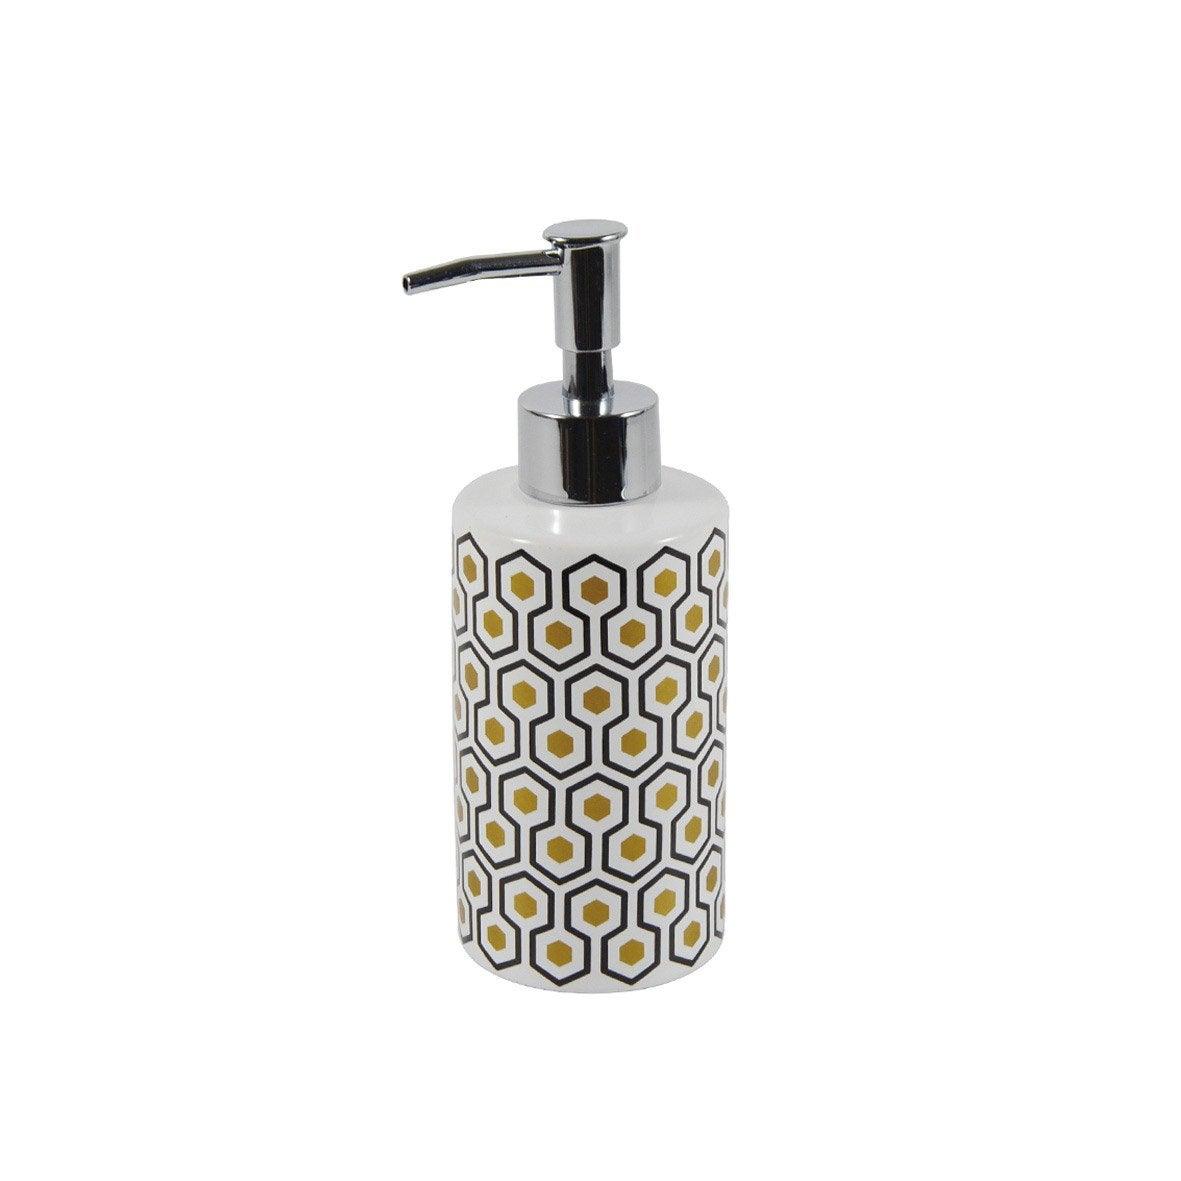 Distributeur de savon céramique Carlton, blanc, noir et or